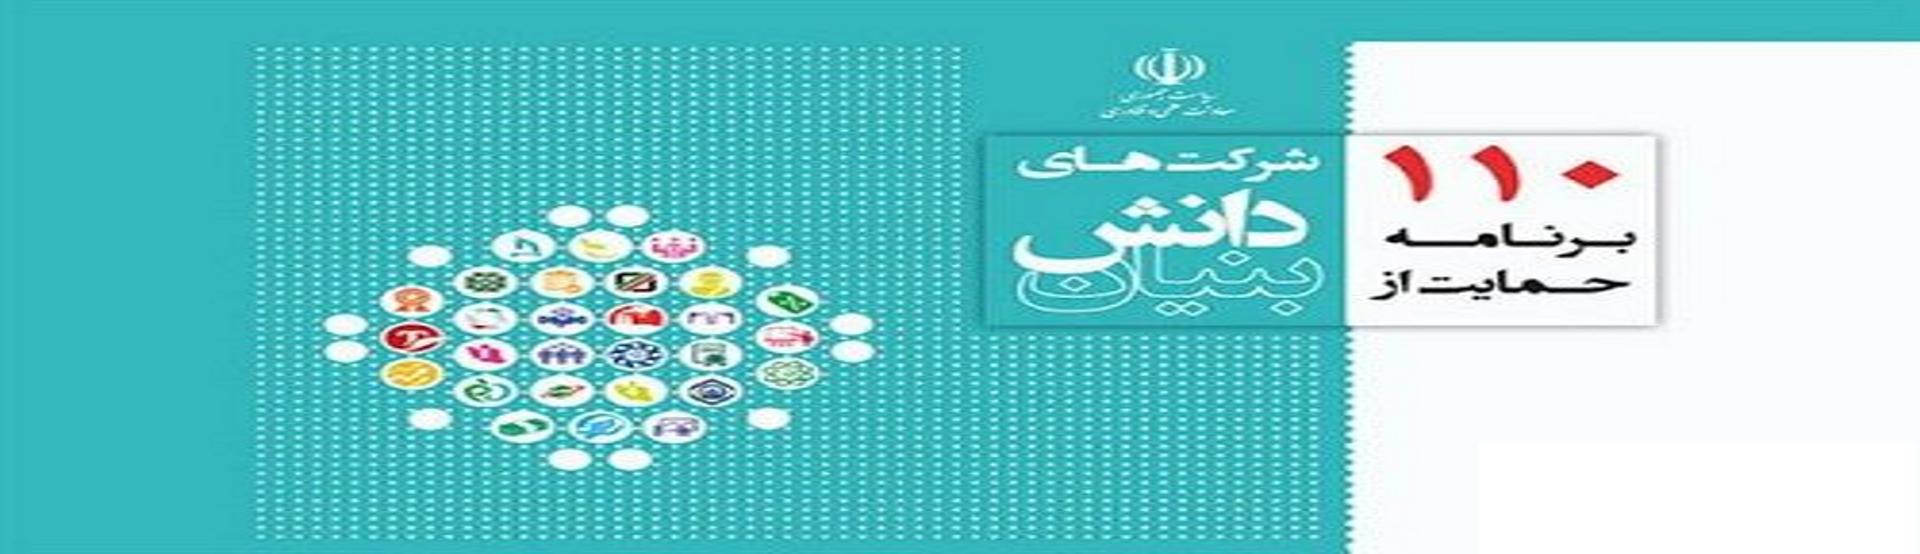 هرآنچه از دانش بنیان نمی دانیم در http://daneshbonyan.isti.ir